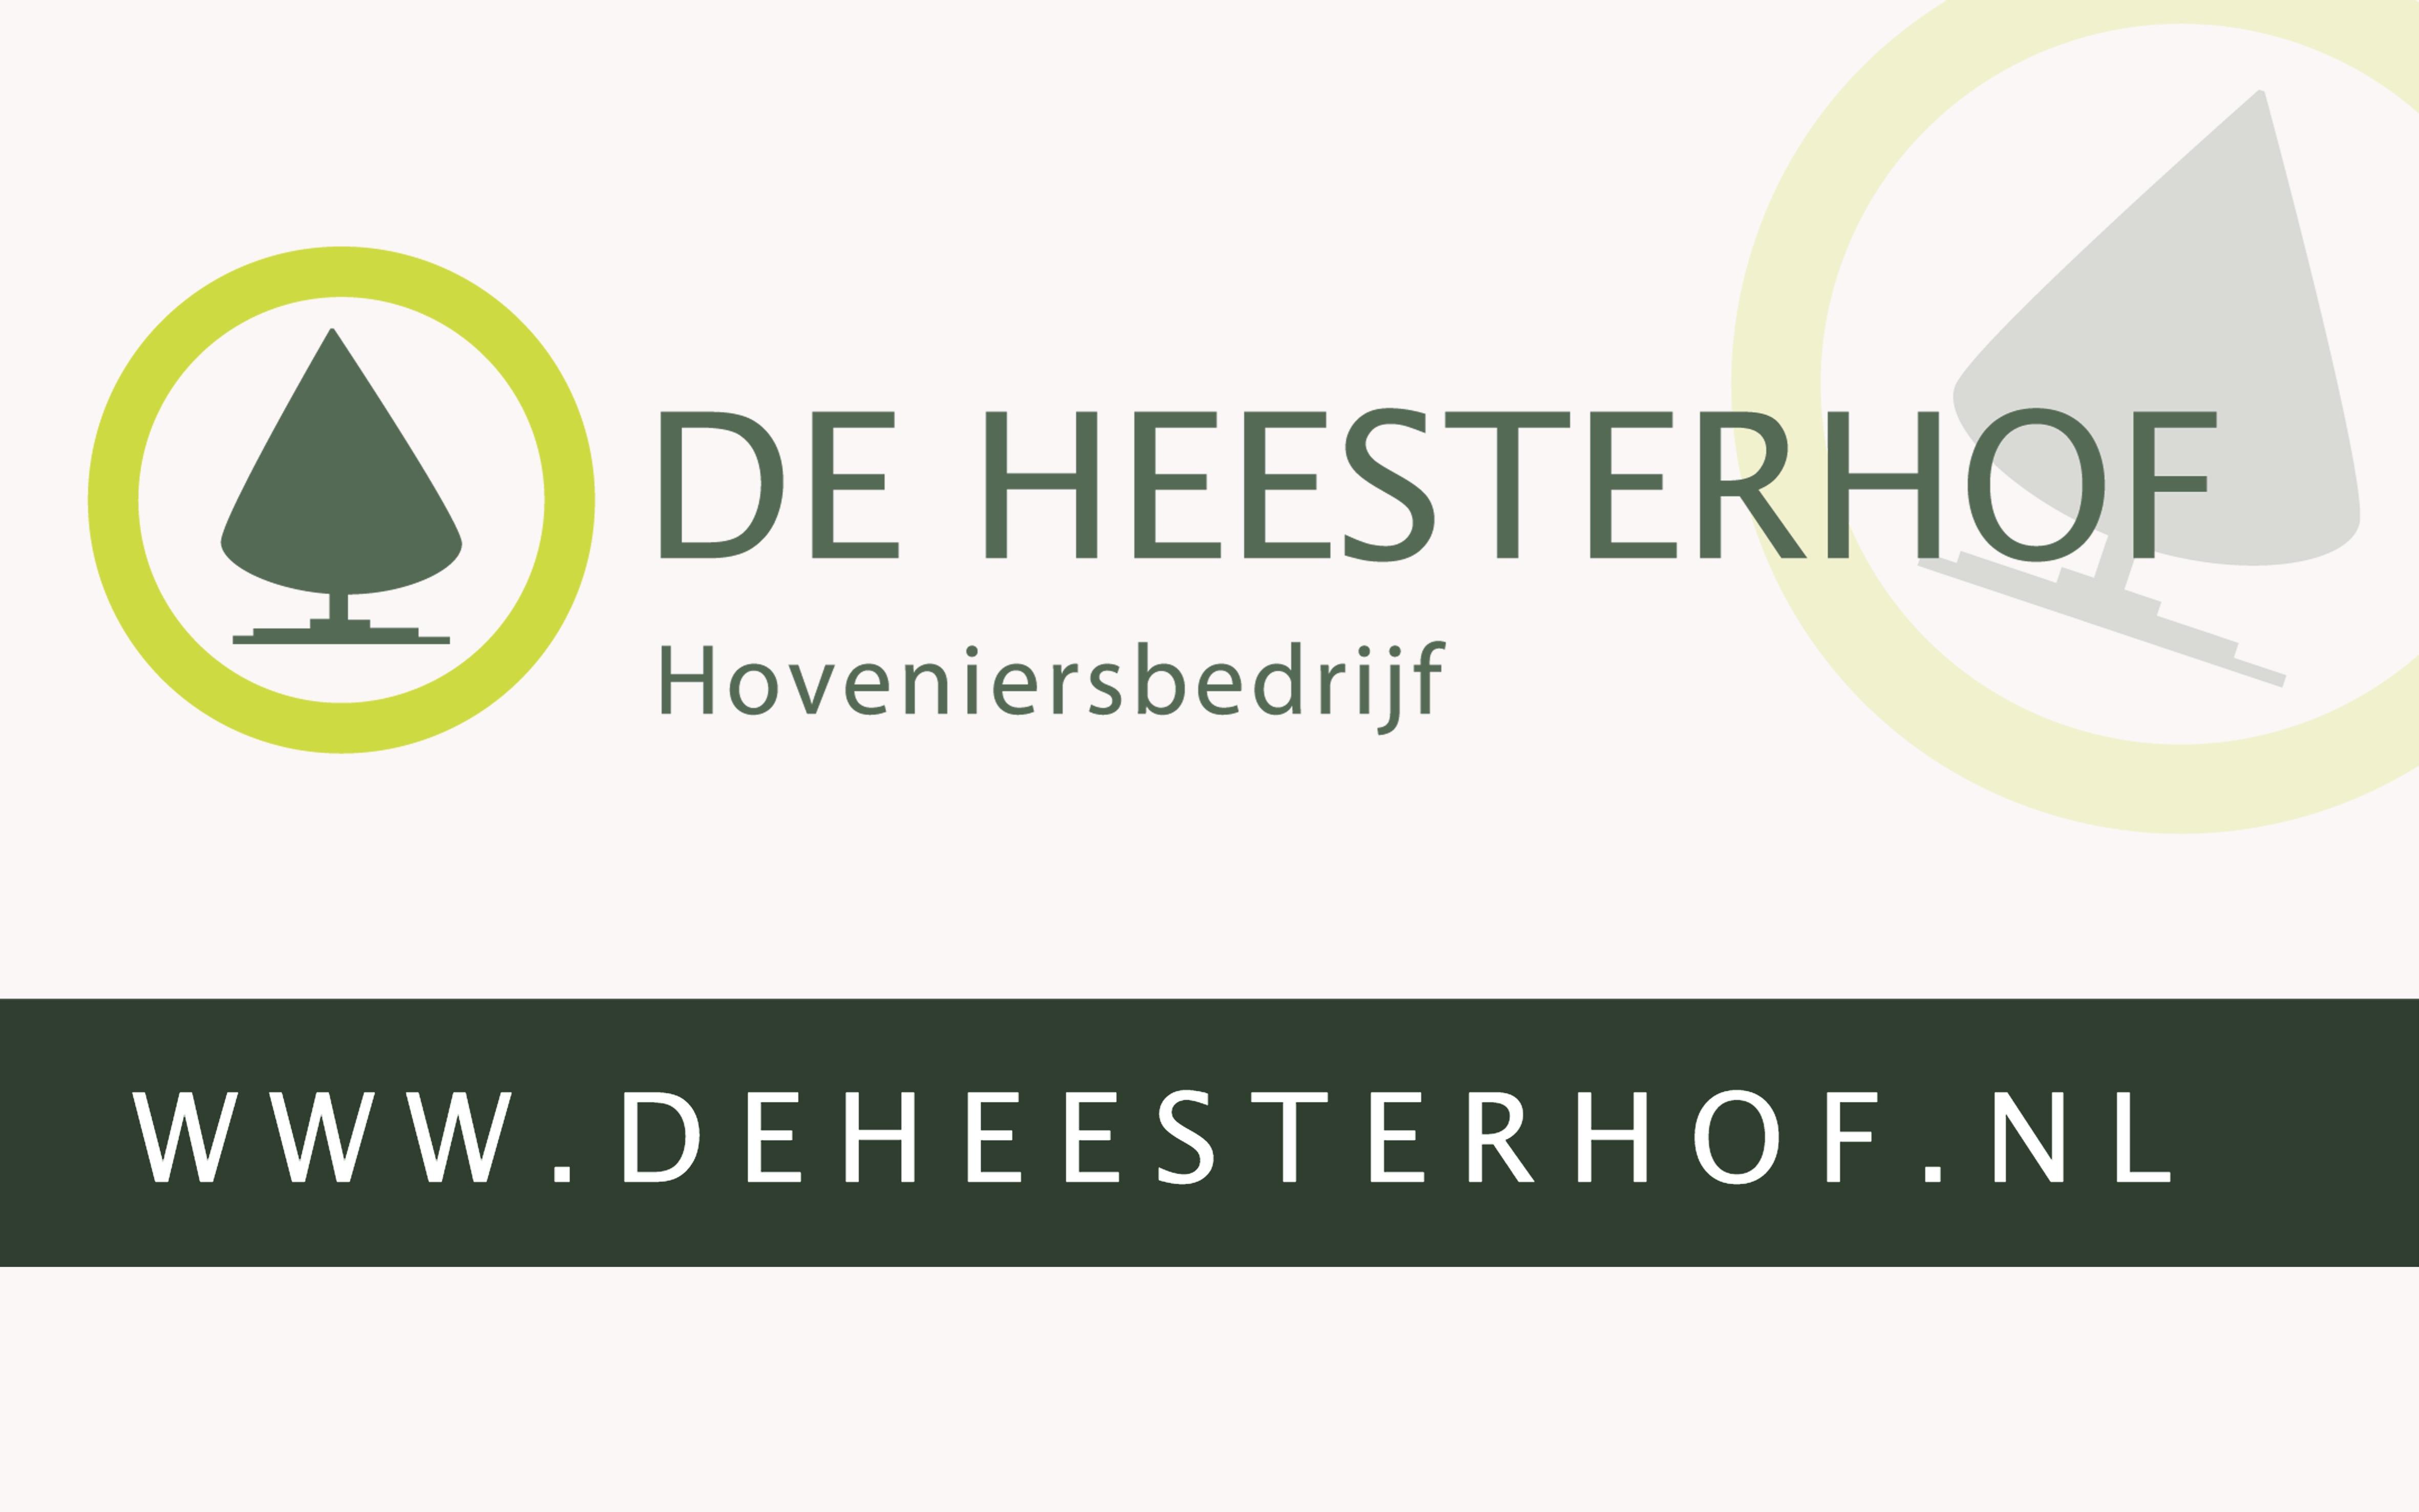 heesterhof